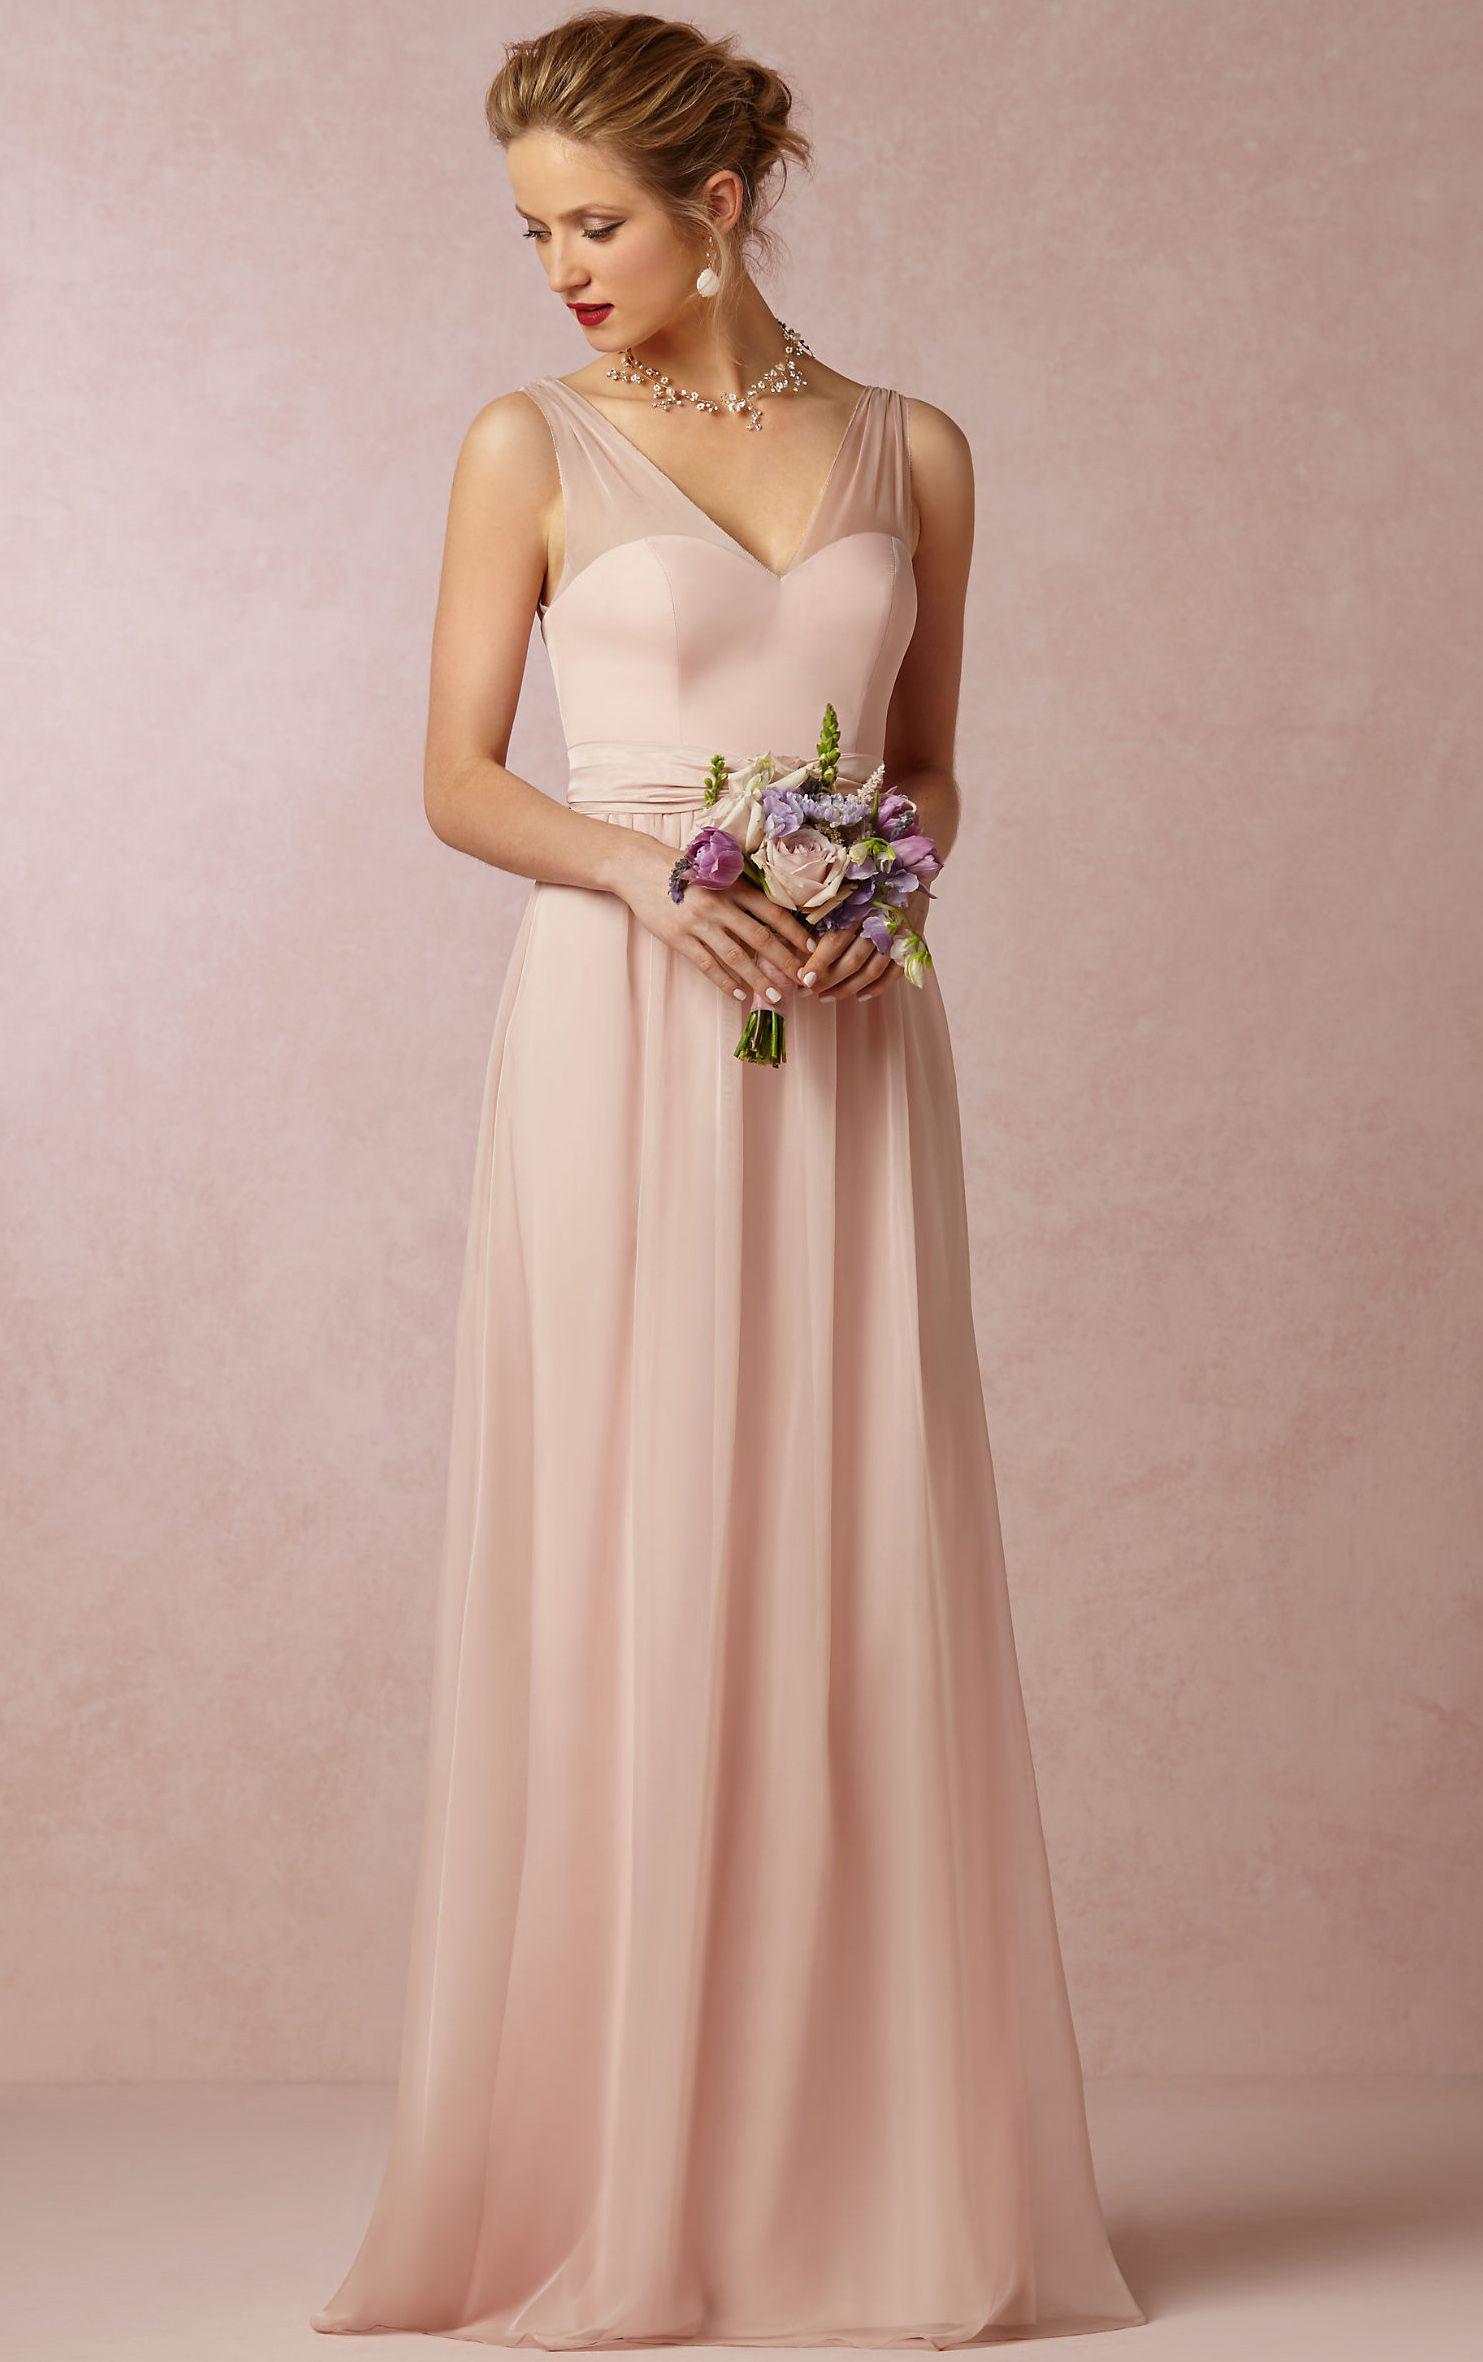 V-neck A-line Sleeveless Natural Floor-length Bridesmaid Dresses ...